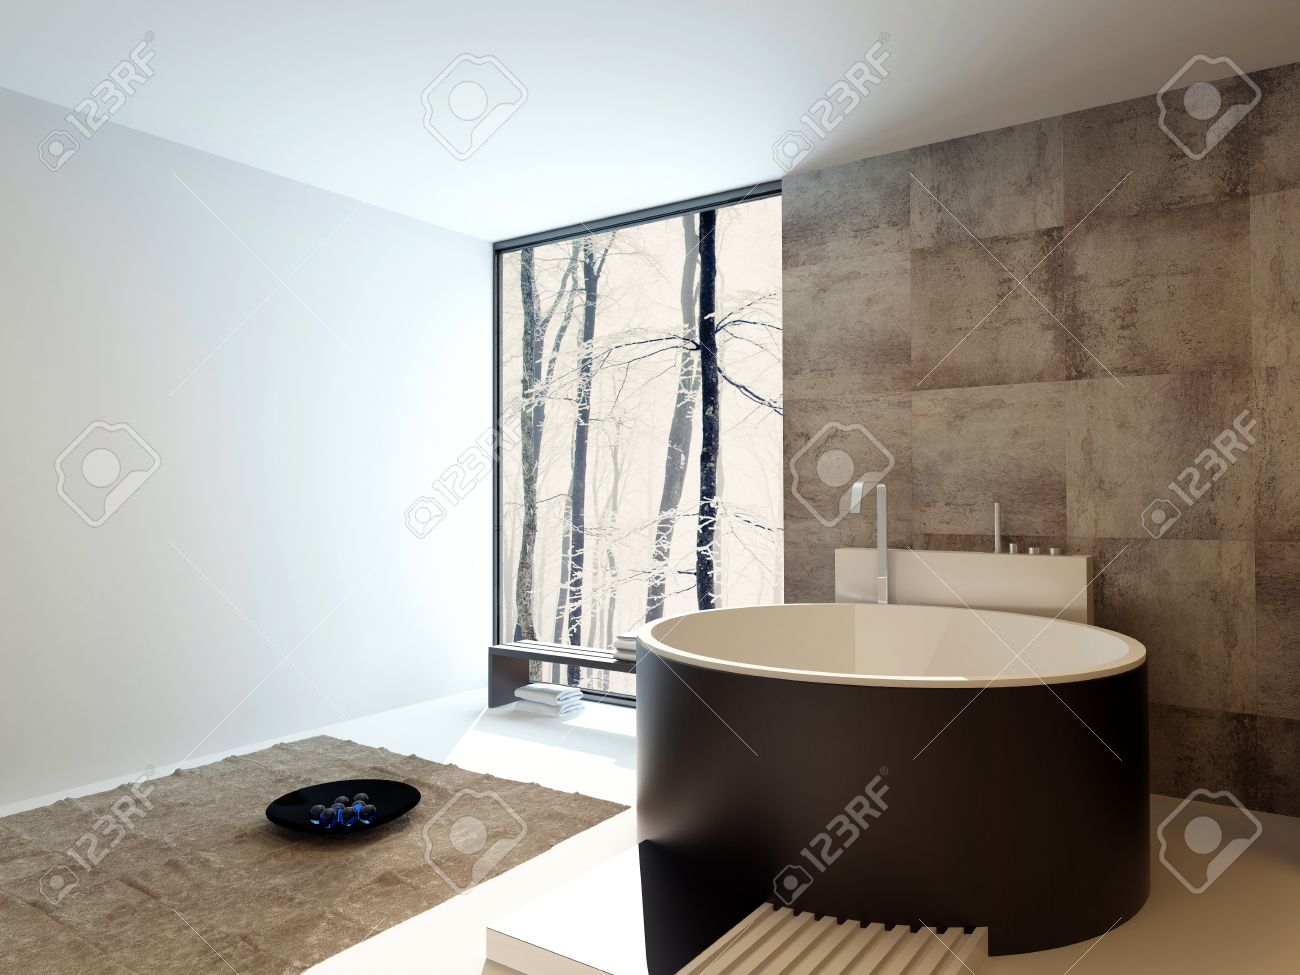 Design contemporain salle de bains de luxe intérieur avec une baignoire  autoportante ronde brune contre un mur en travertin beige carrelé avec une  ...